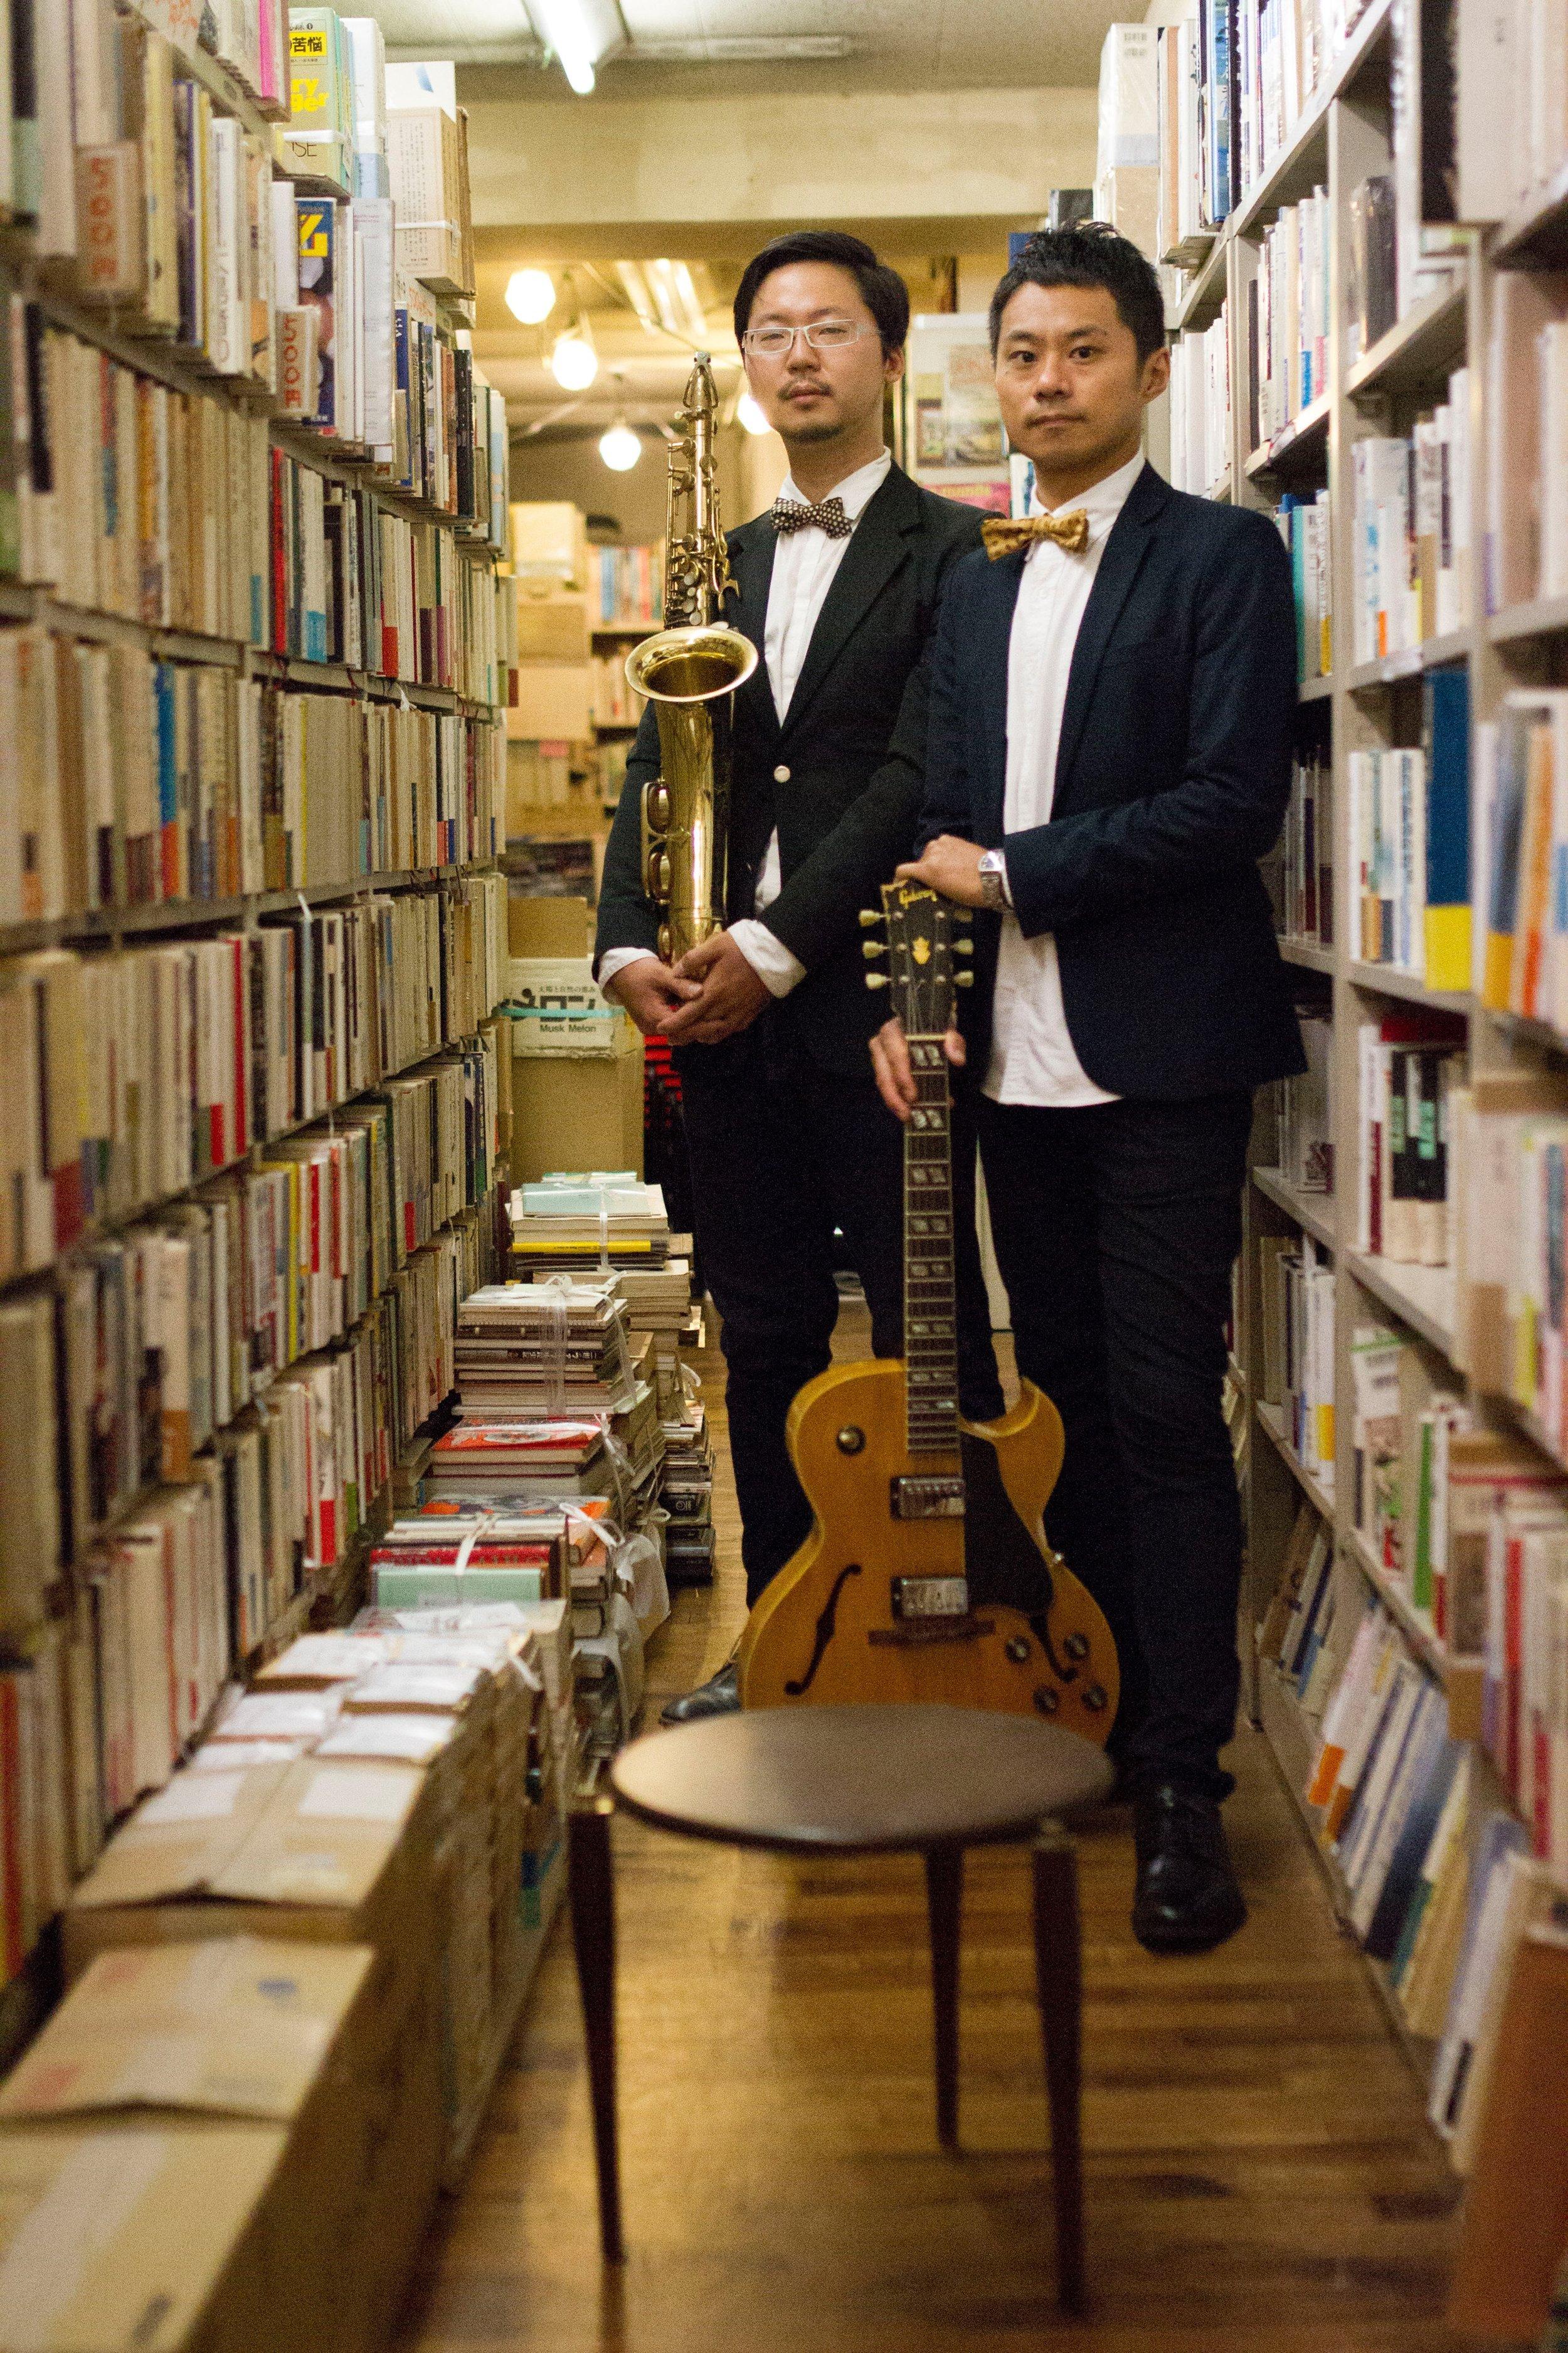 """""""対話TAIWA""""  sax&clarinet渡邊恭一、guitar加治雄太、以上2名による対話。 ホットジャズをテーマに、スイング、デキシーランド、ニューオリンズ、ムード、朗読、フリーインプロヴィゼーション、と大いに語る。"""